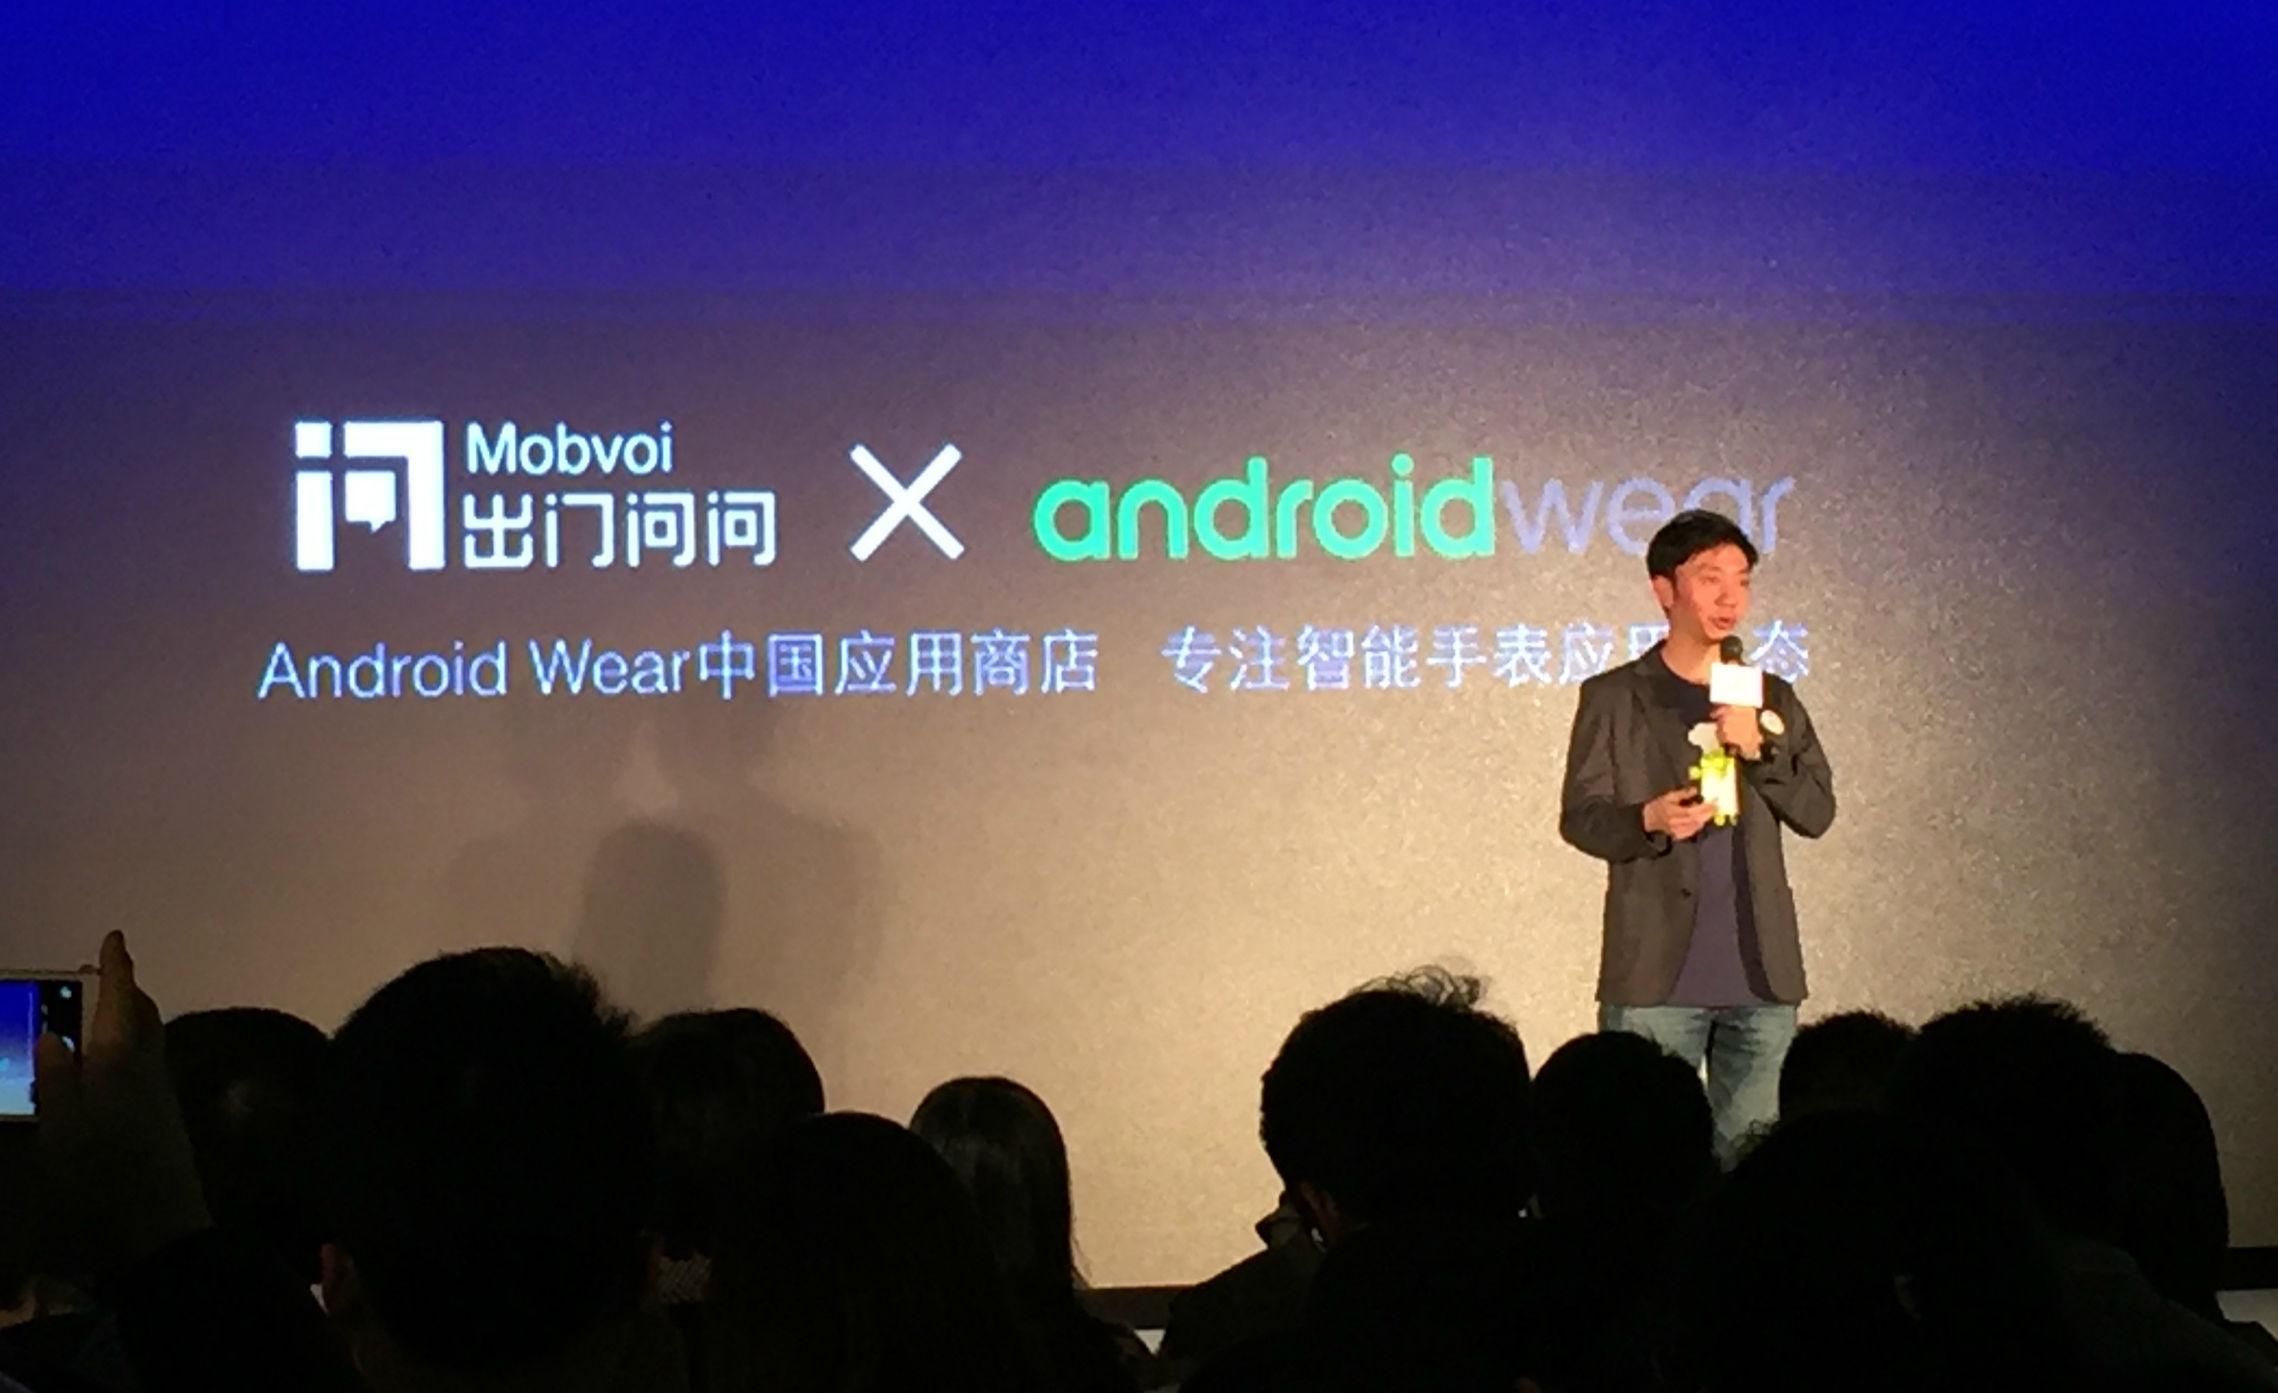 发布手表应用商店,出门问问想做 Android Wear  中国的「官方发言人」